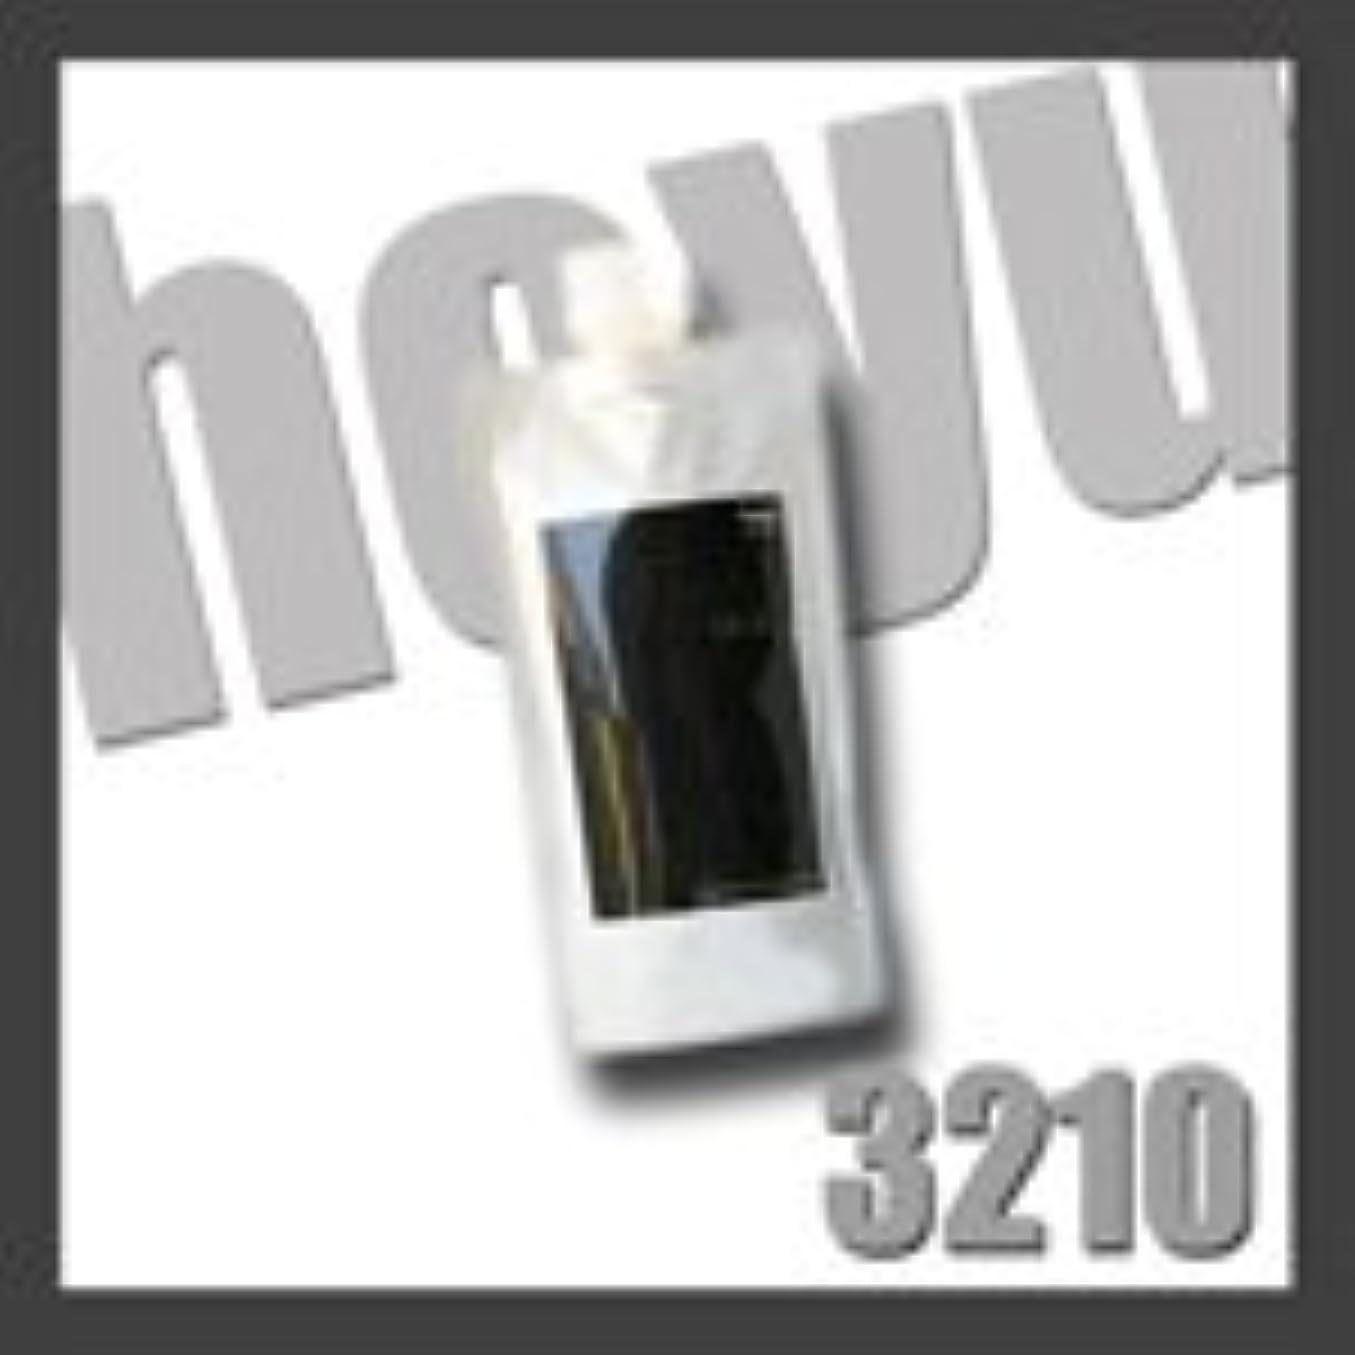 常習的の中で巨大なHOYU ホーユー 3210 ミニーレ ウルトラハード ワックス レフィル 200g 詰替用 フィニッシュワークシリーズ